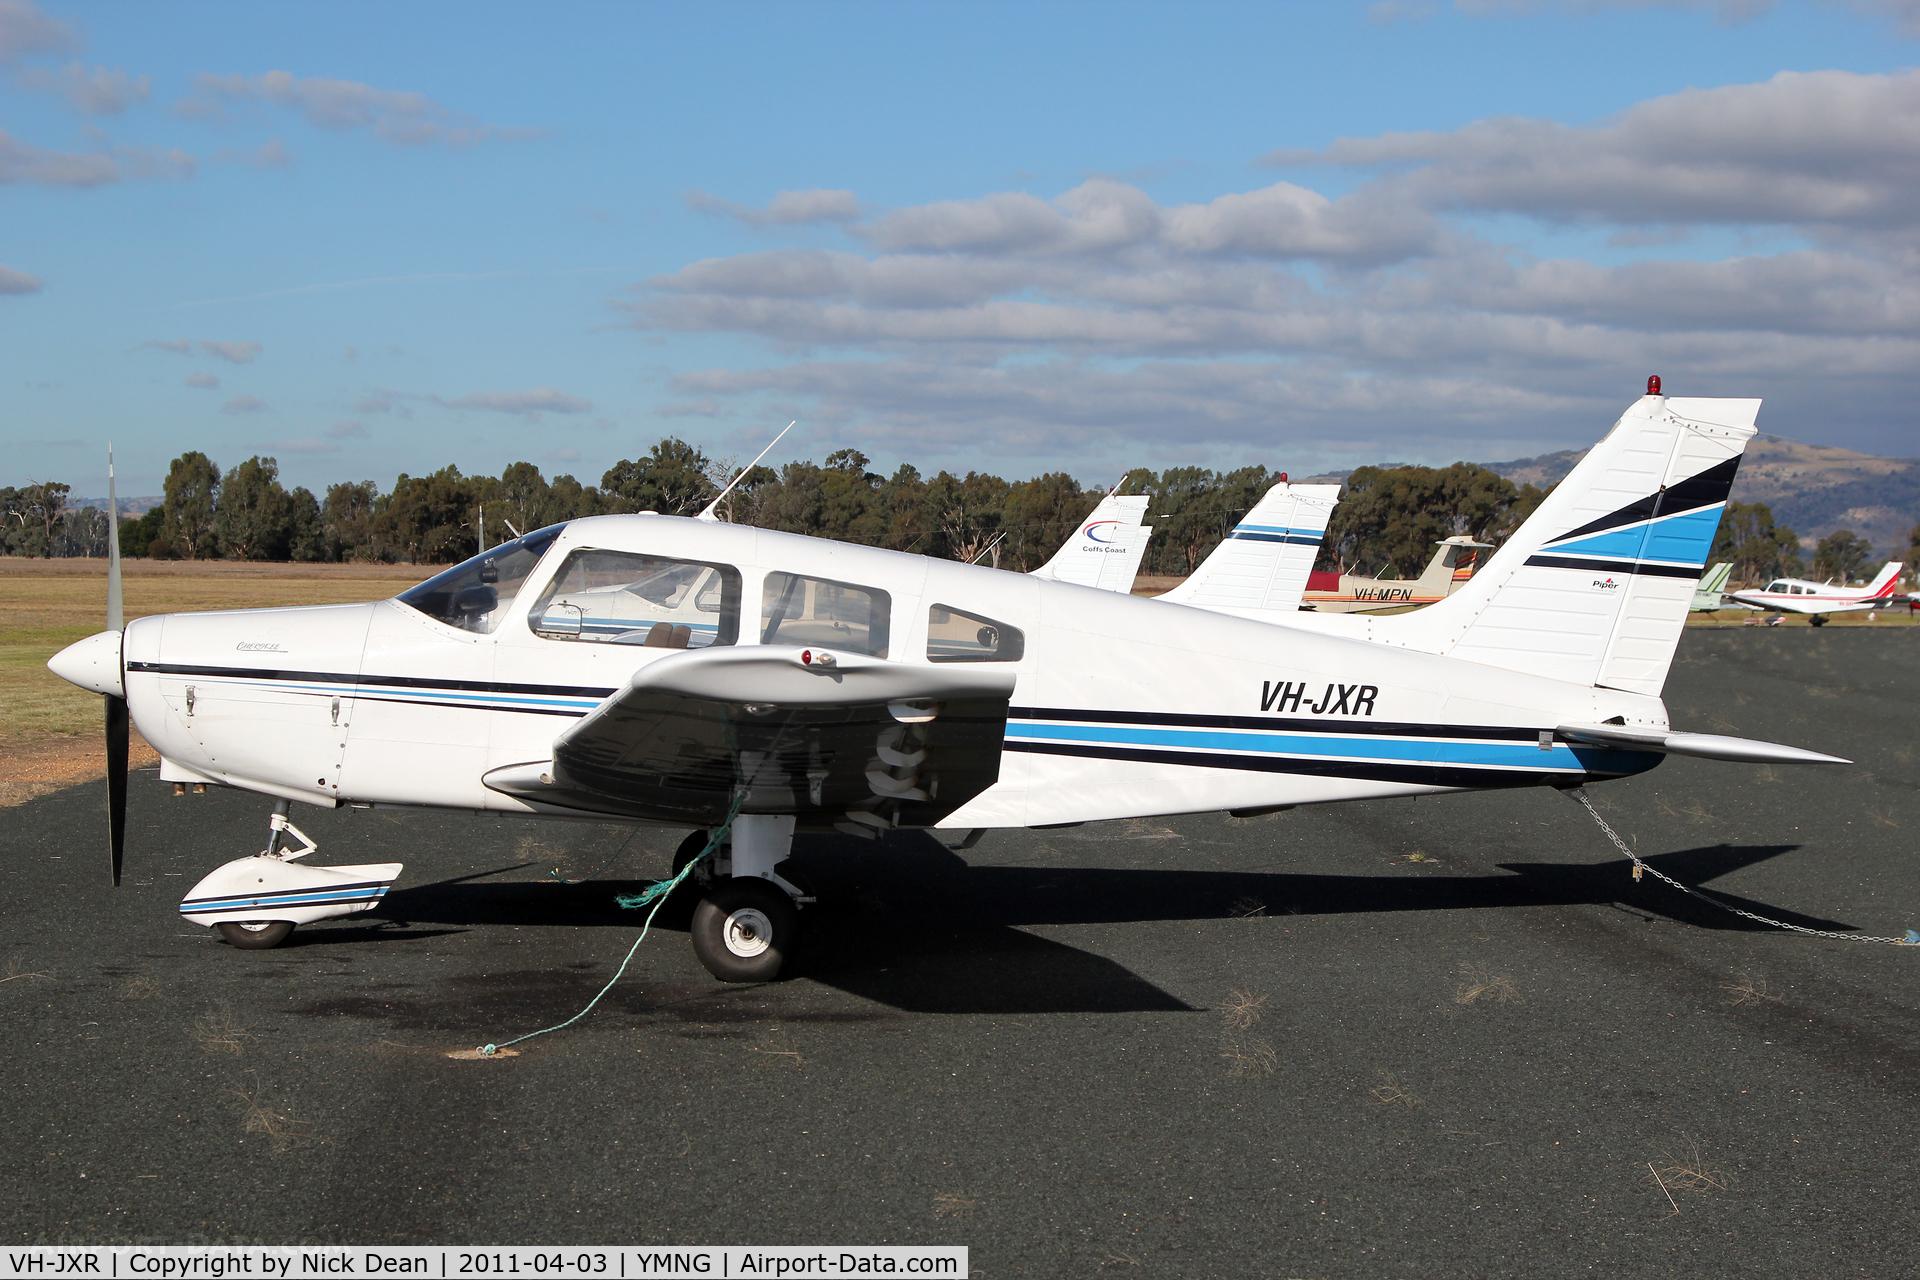 VH-JXR, 1975 Piper PA-28-151 C/N 28-7515185, YMNG